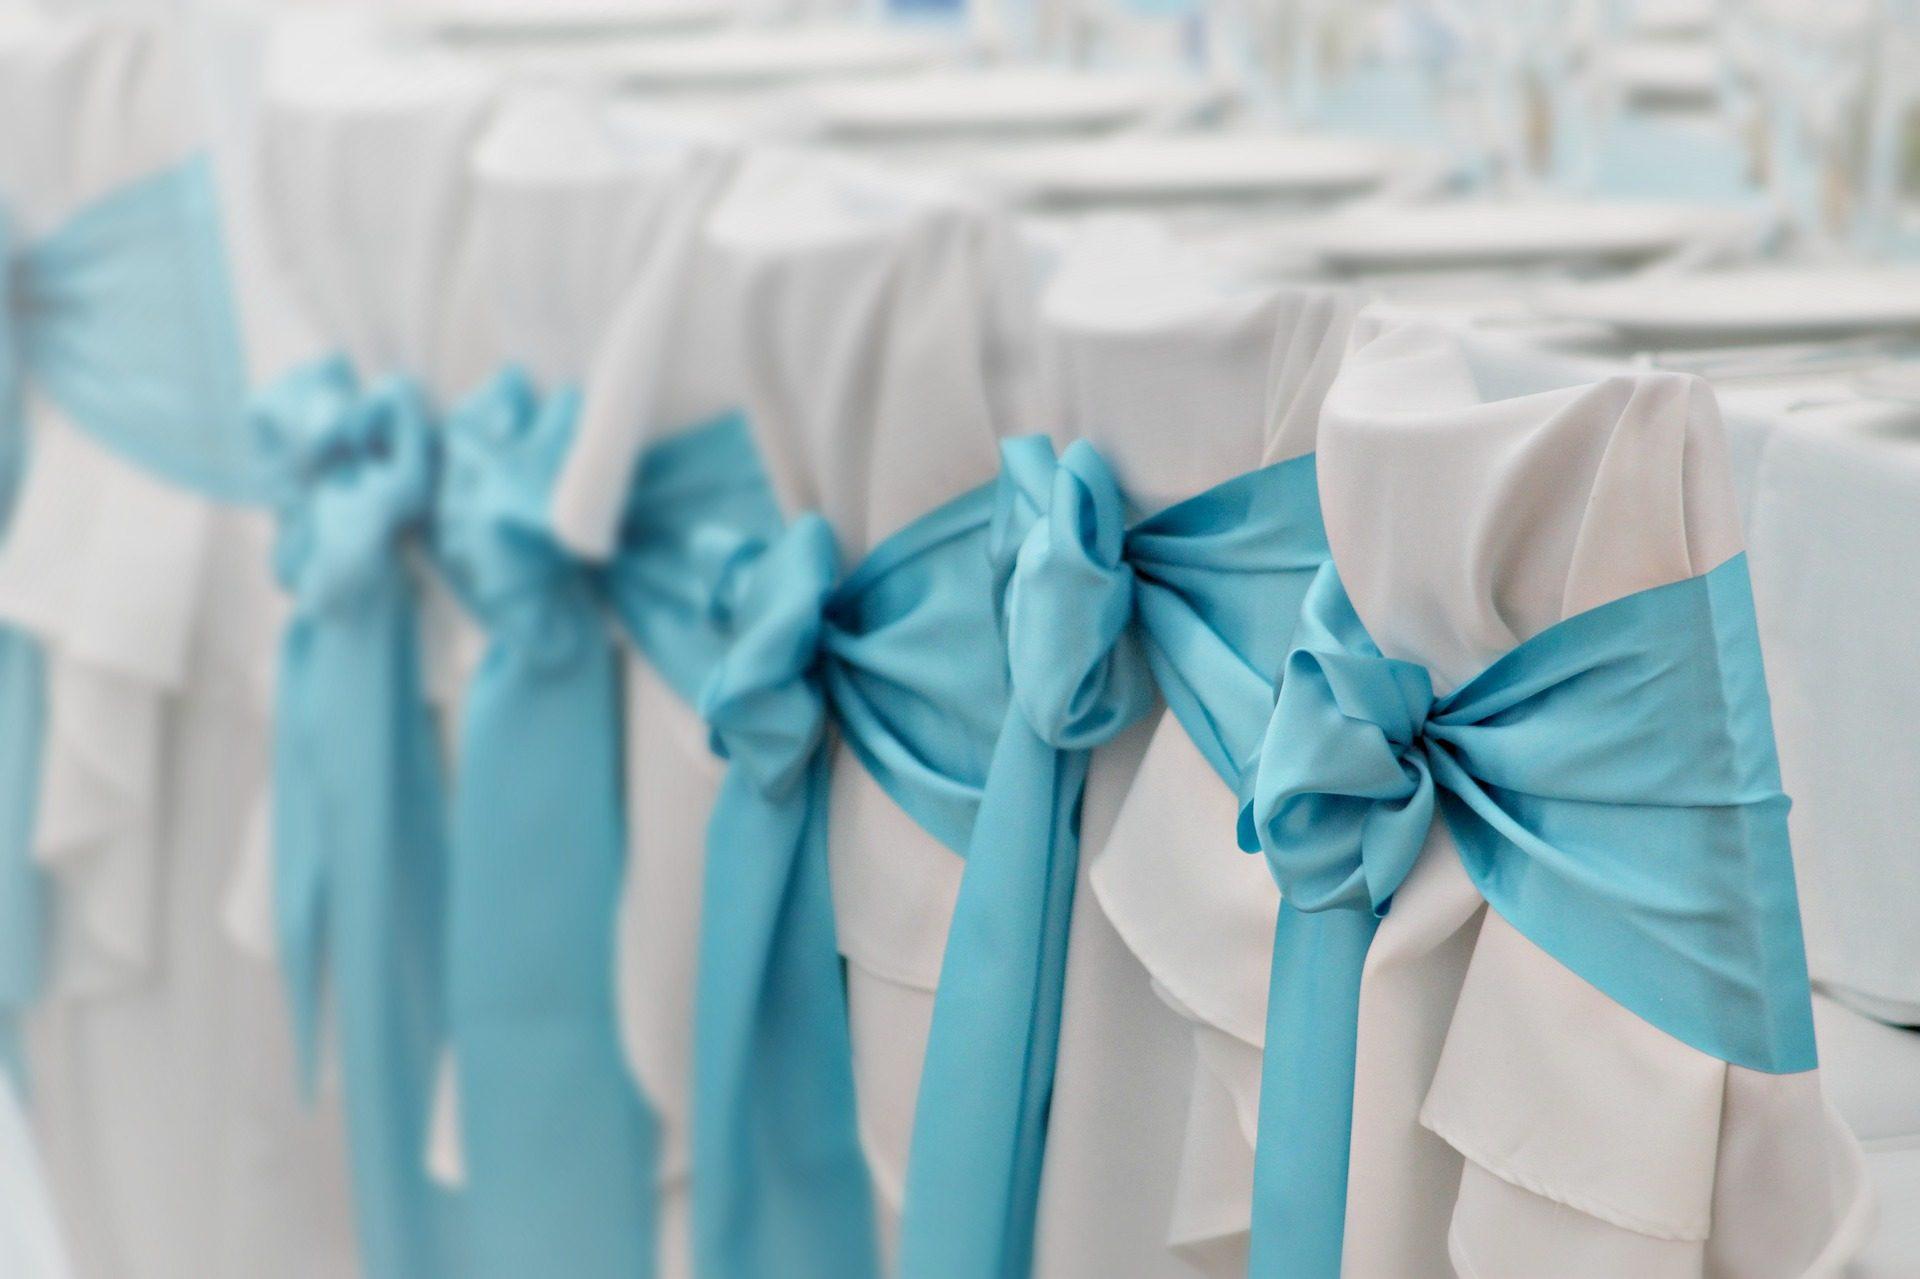 Γάμος, ceremonia, Πίνακας, καρέκλες, δεσμοί - Wallpapers HD - Professor-falken.com